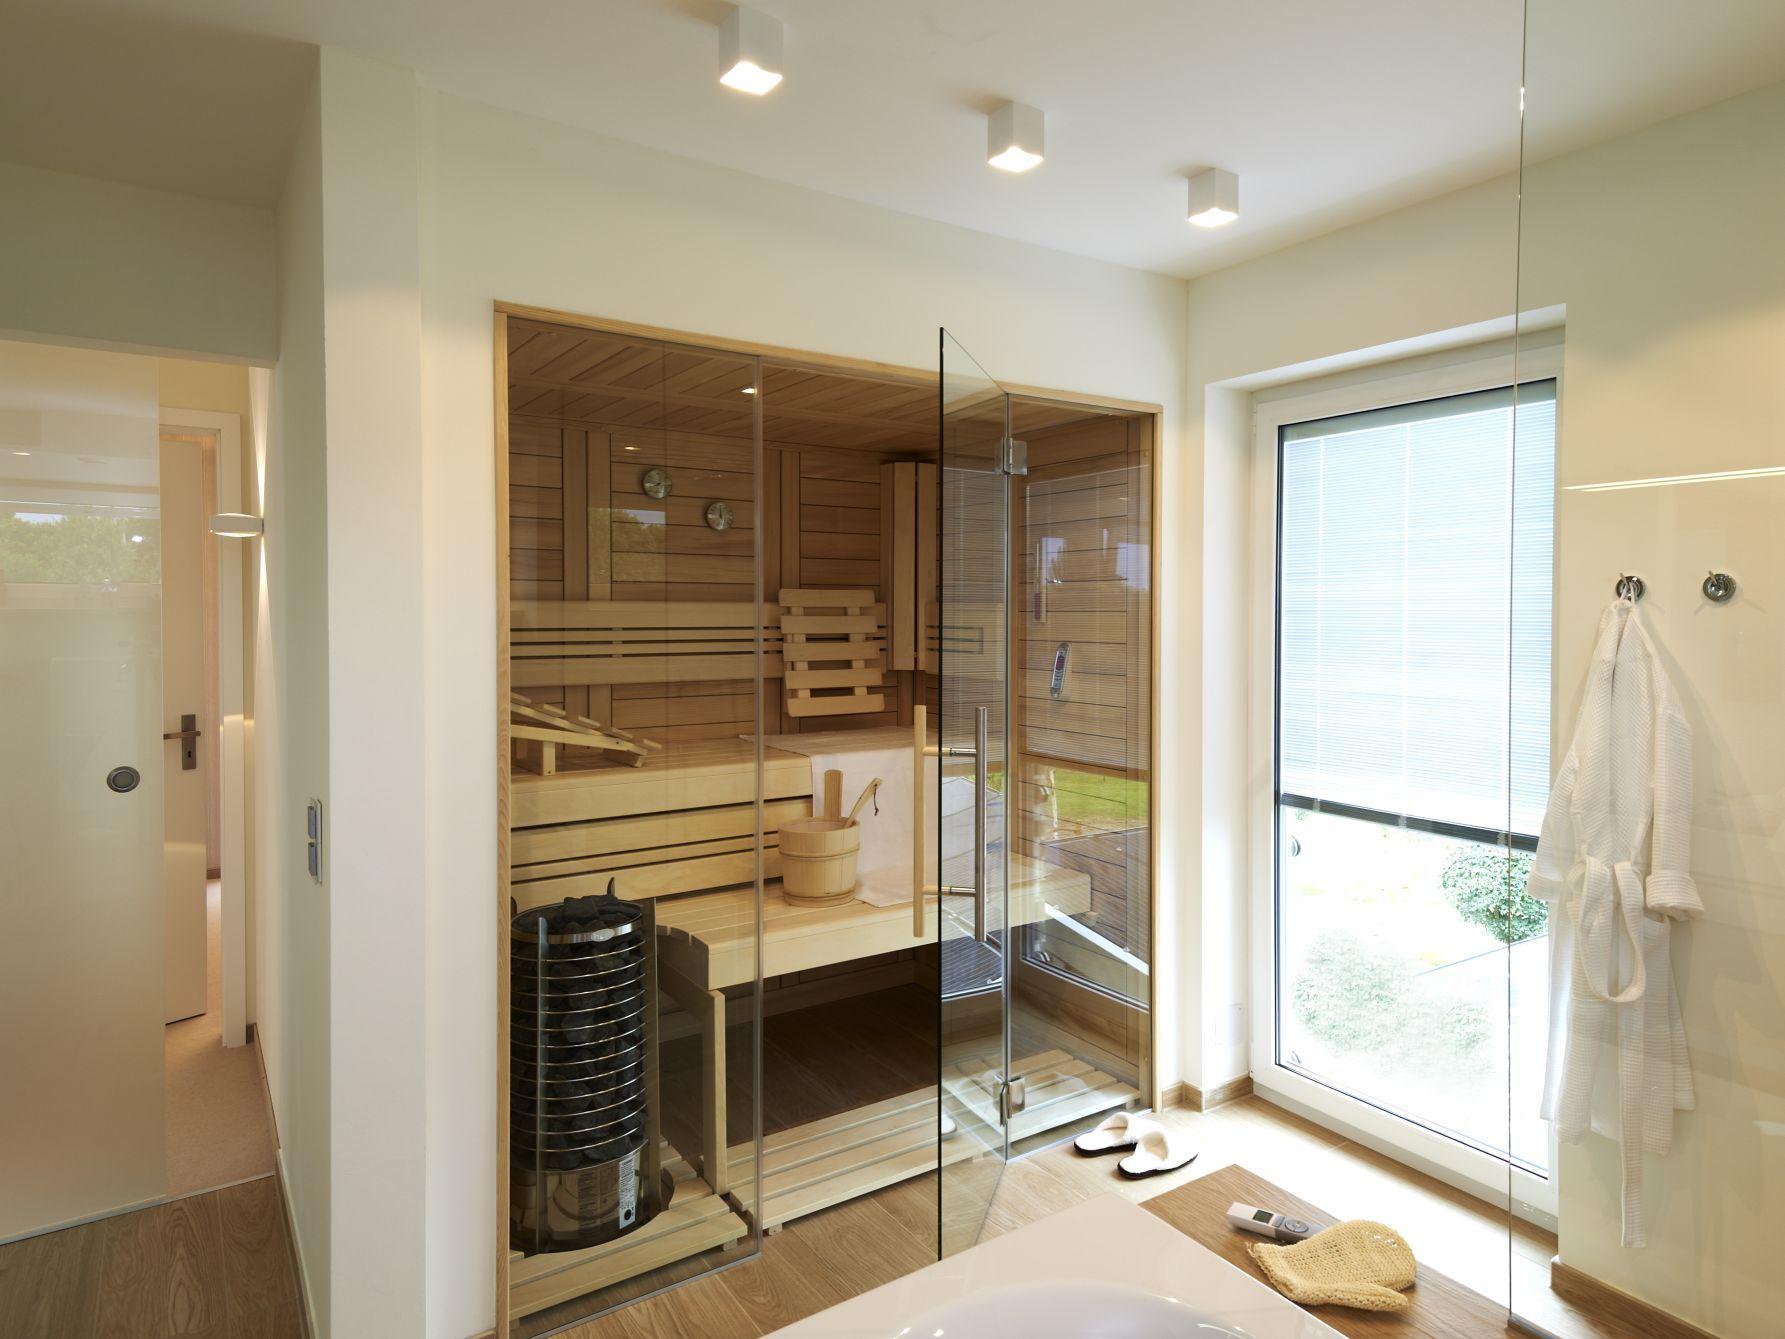 Edition 425 WOHNIDEE Haus   Familienhaus Zum Wohlfühlen · Sauna IdeasSauna  ...